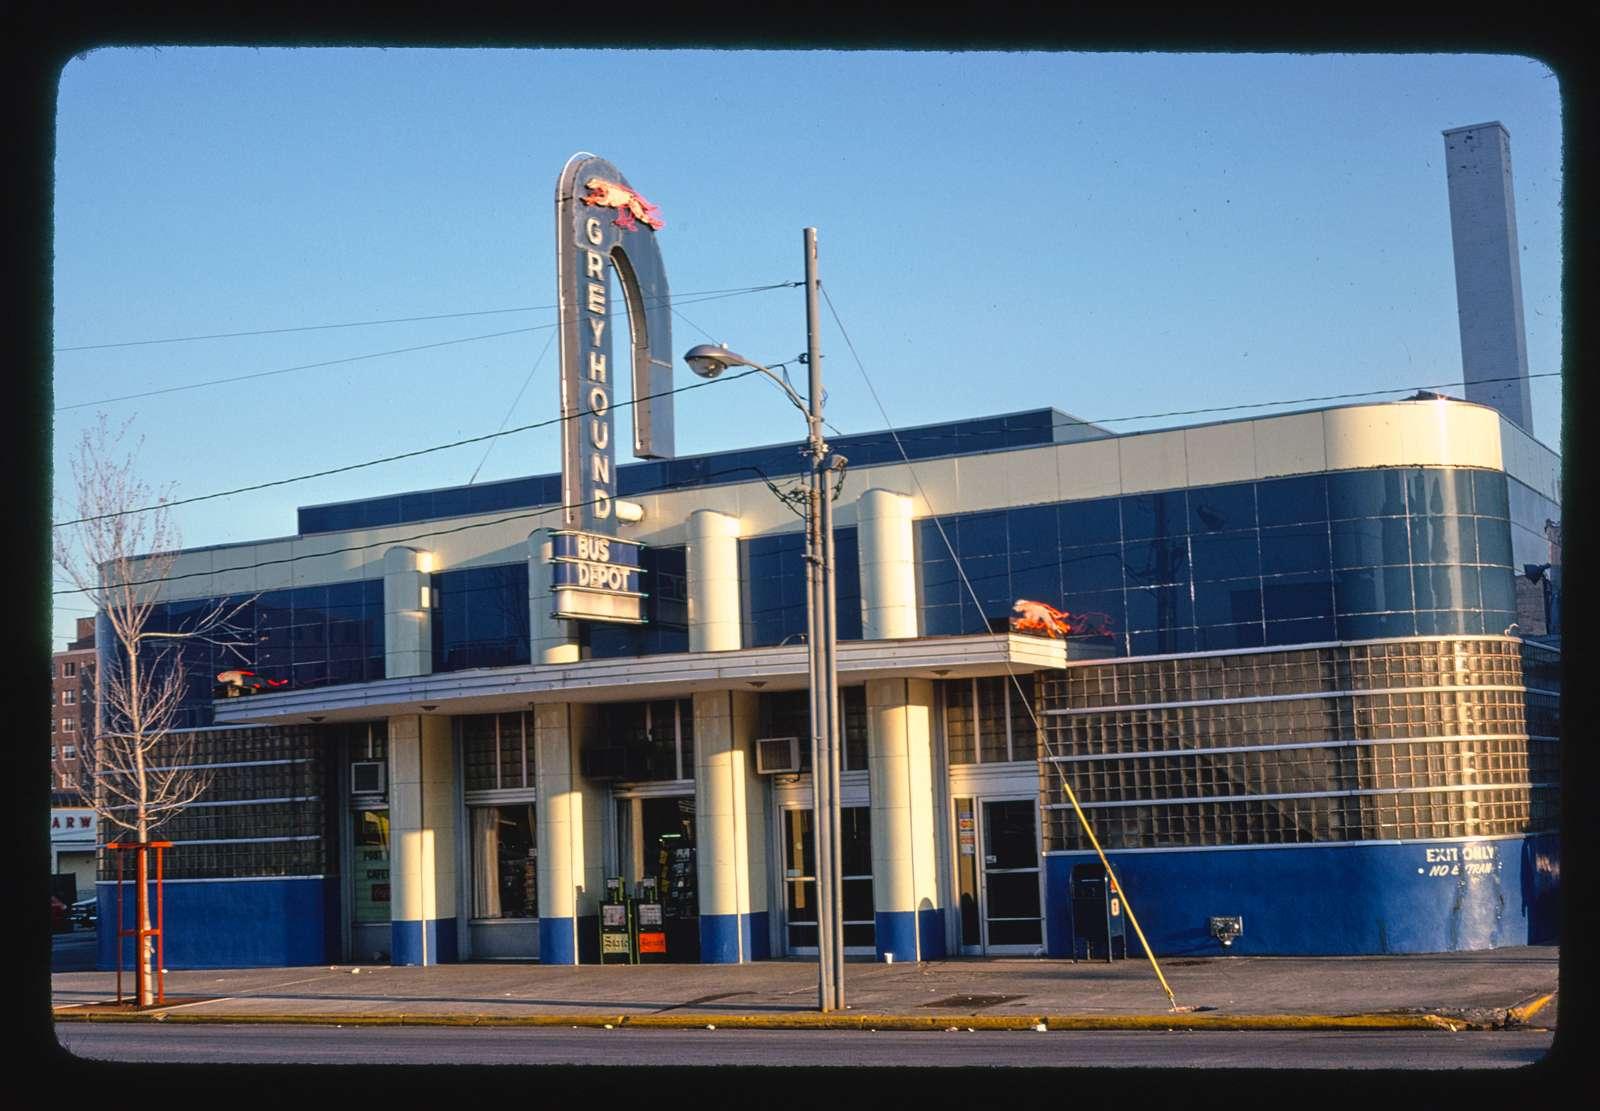 Greyhound Bus Depot, vertical view, Columbia, South Carolina